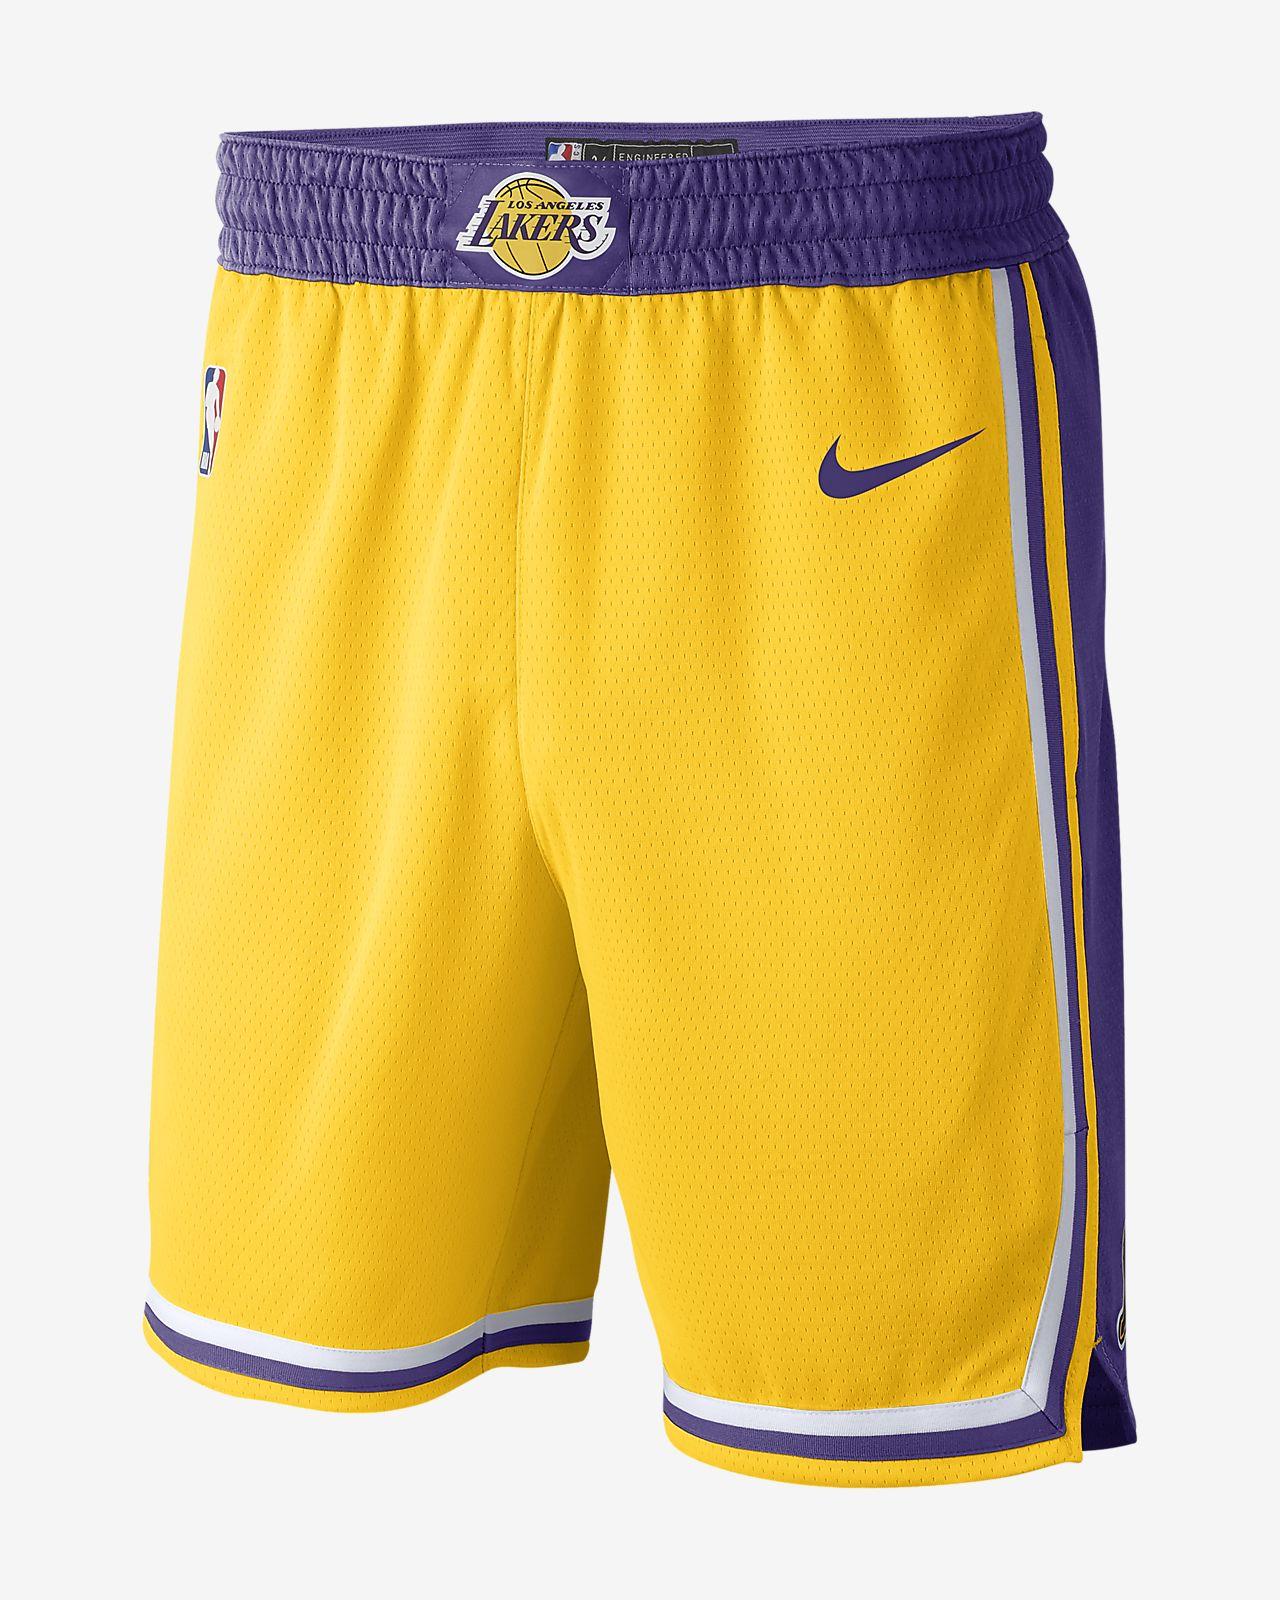 Los Angeles Lakers Icon Edition Swingman NBA-s férfi rövidnadrág